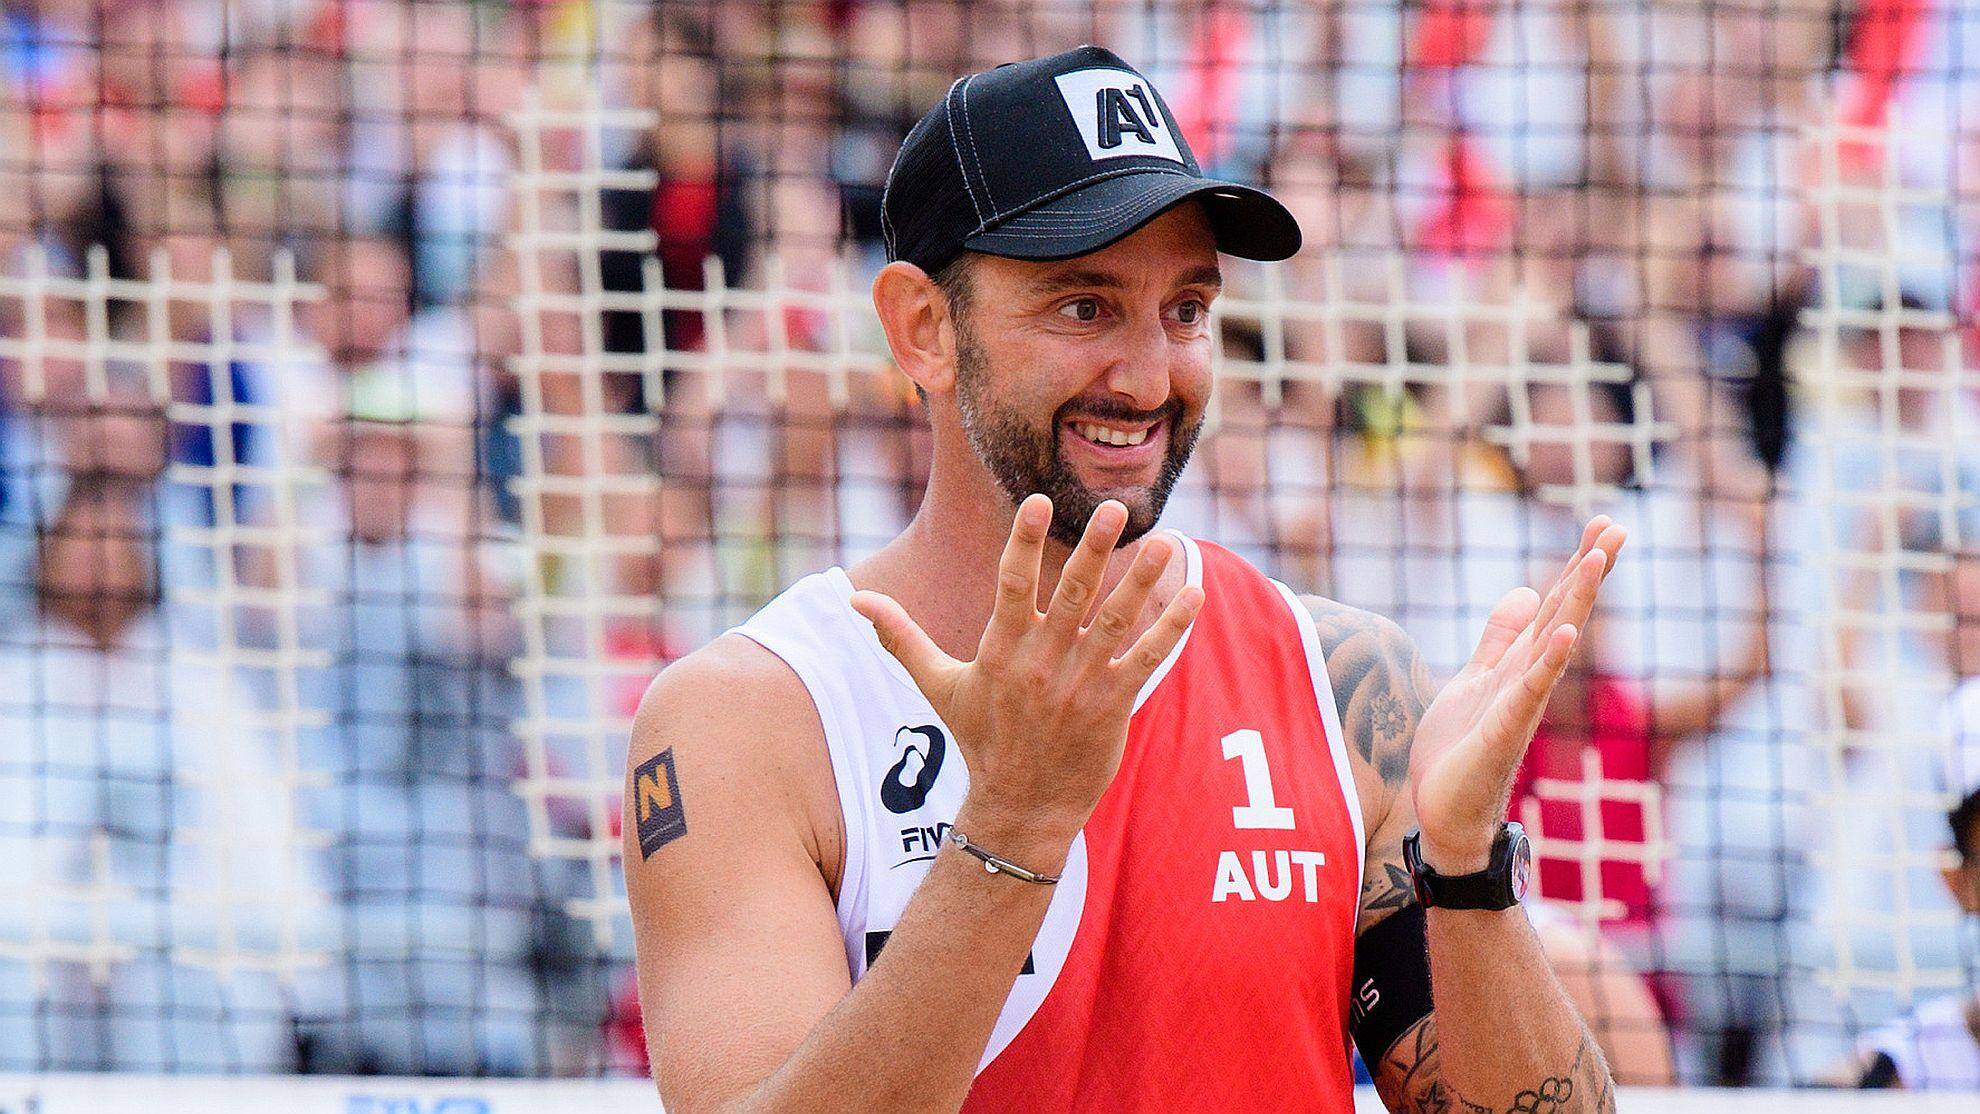 Clemens Doppler © FIVB